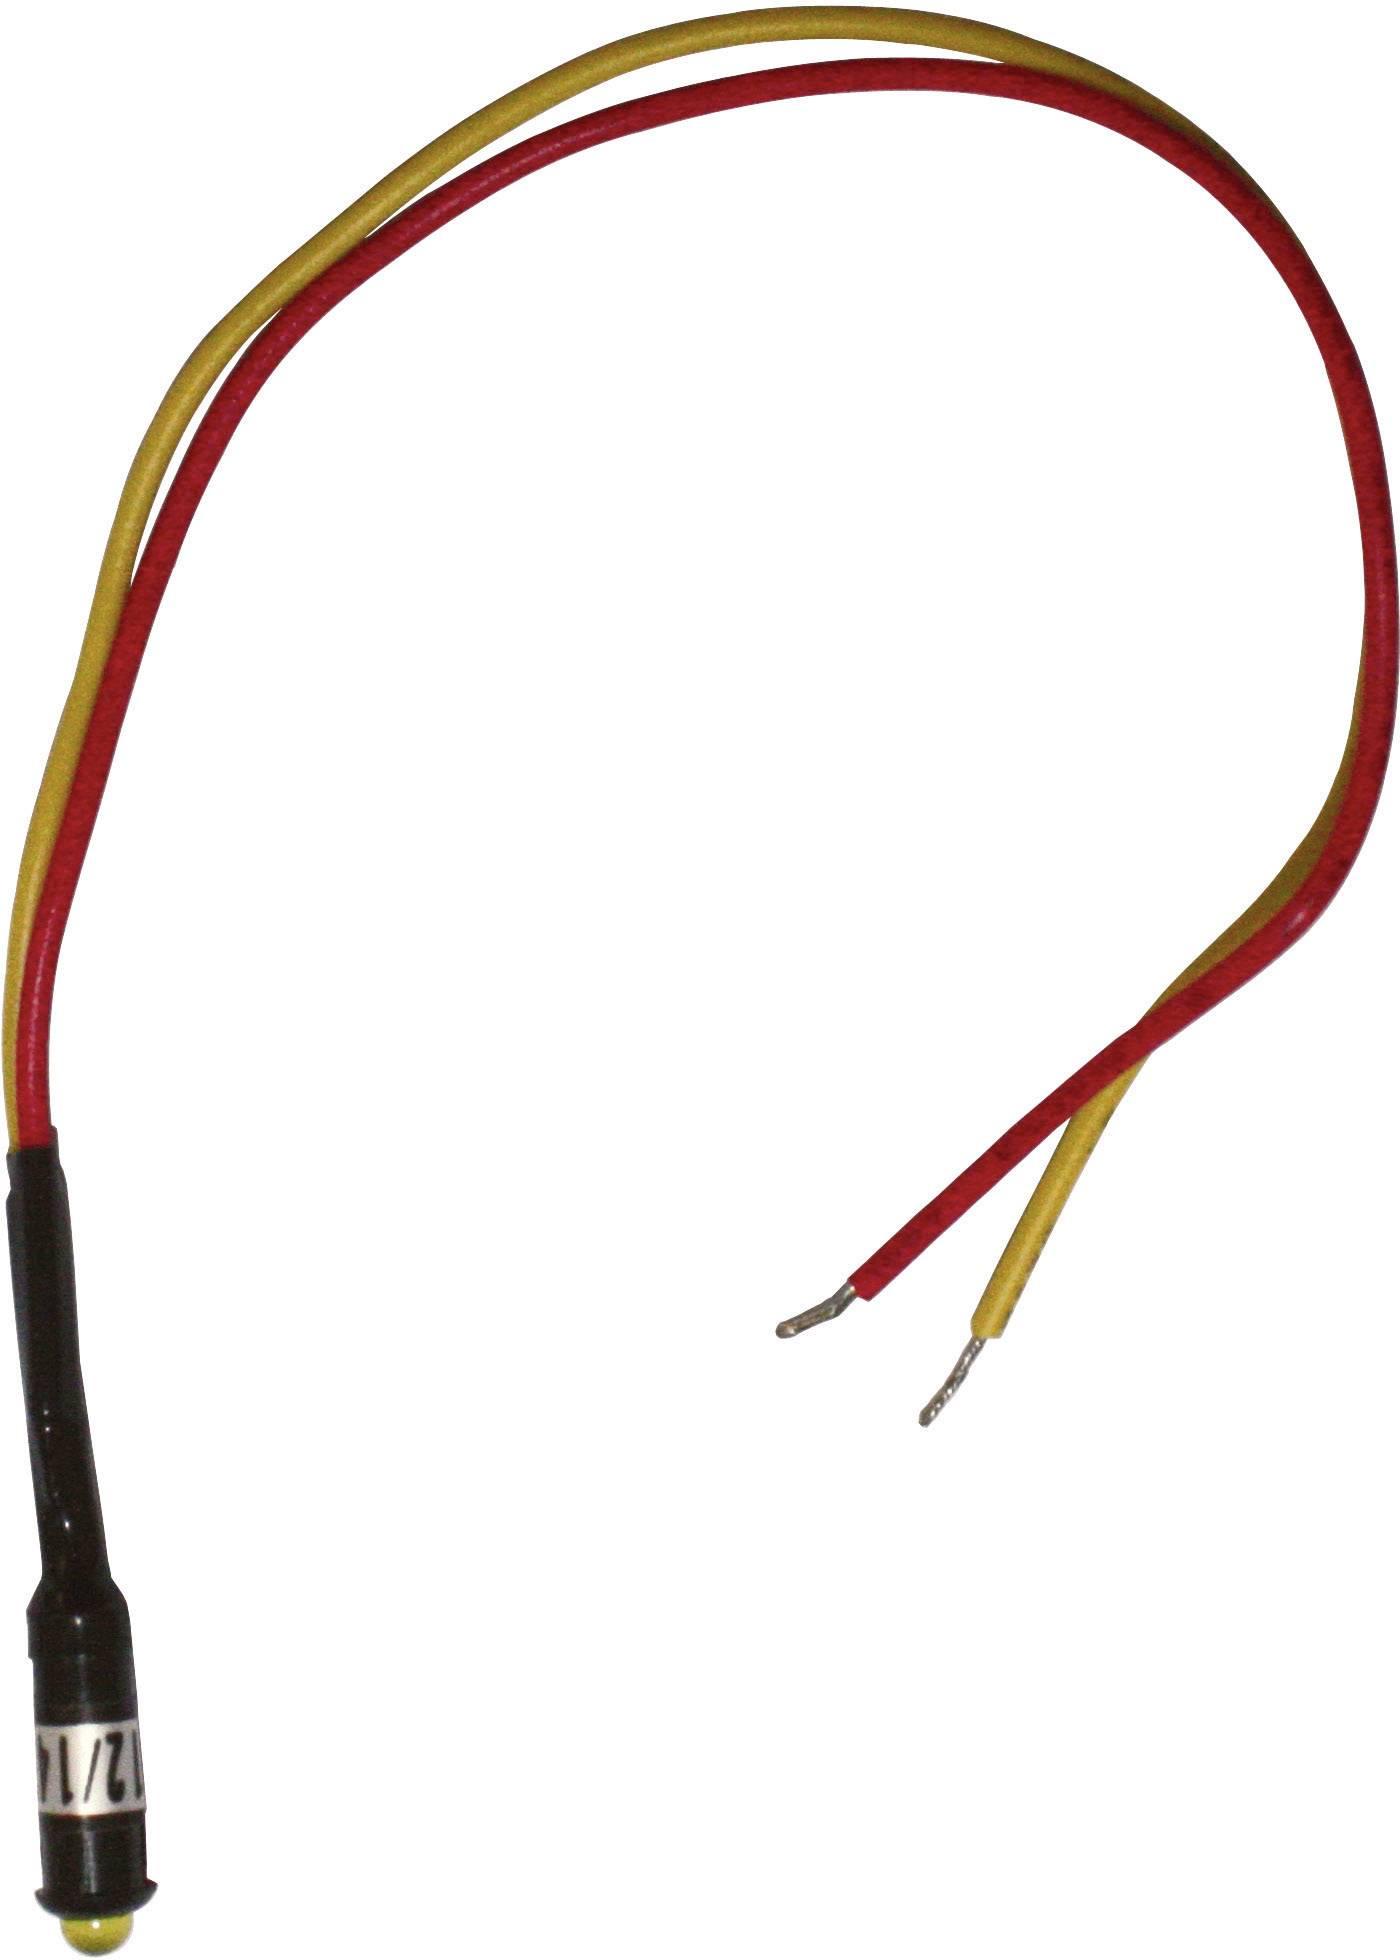 LED signálka Barthelme 52031415, 12 V/DC, bílá